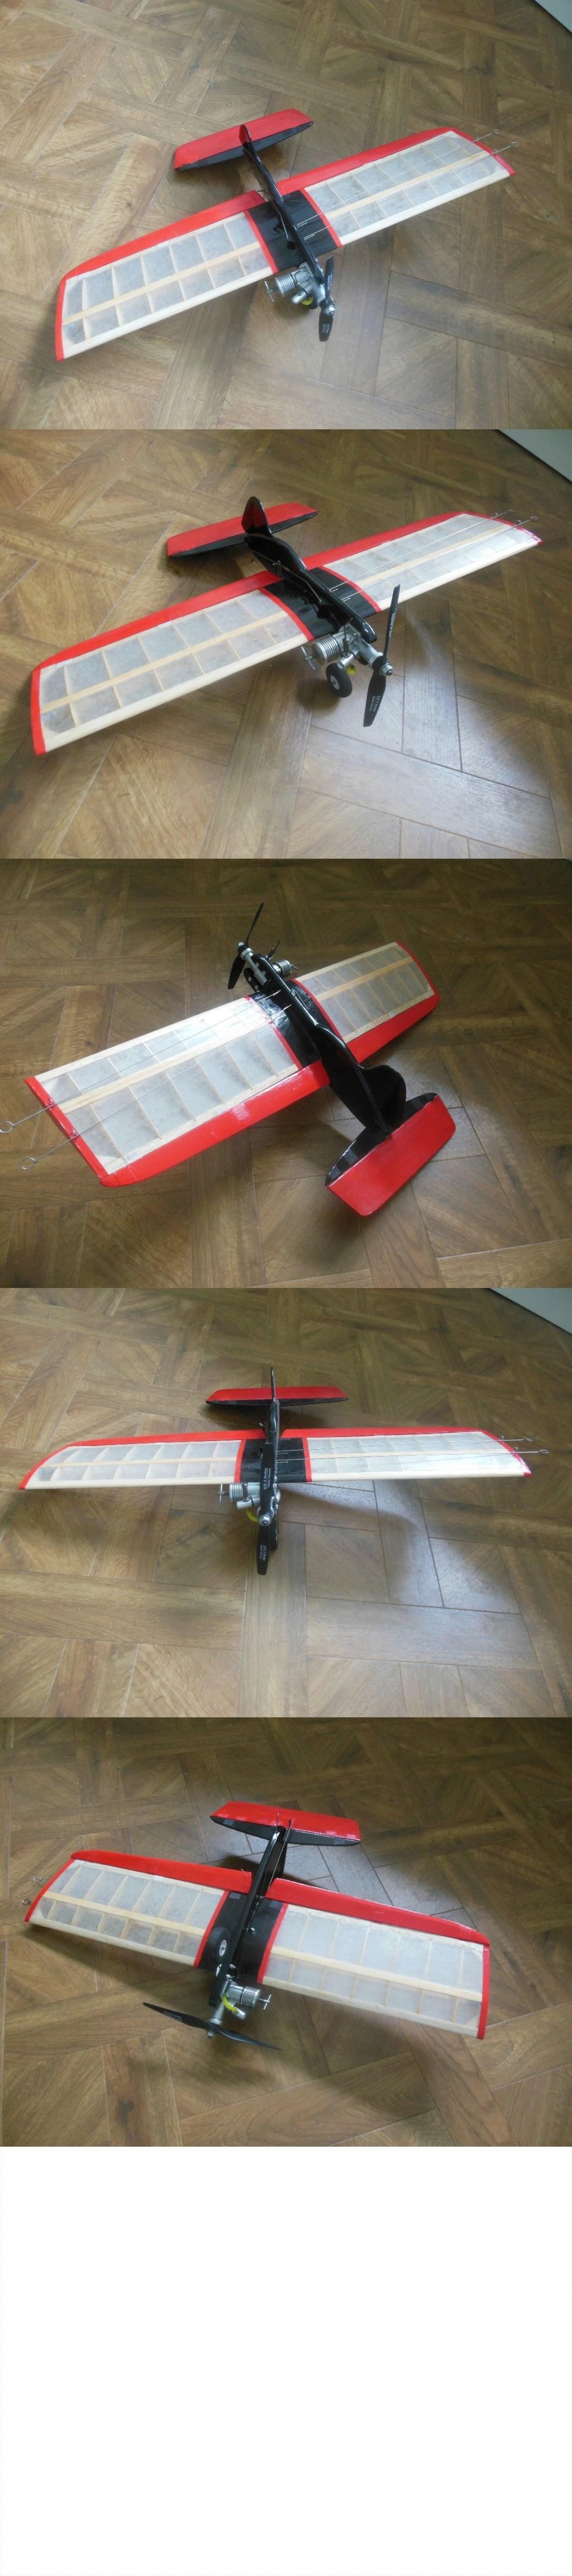 Aeronaut Roby Roby10